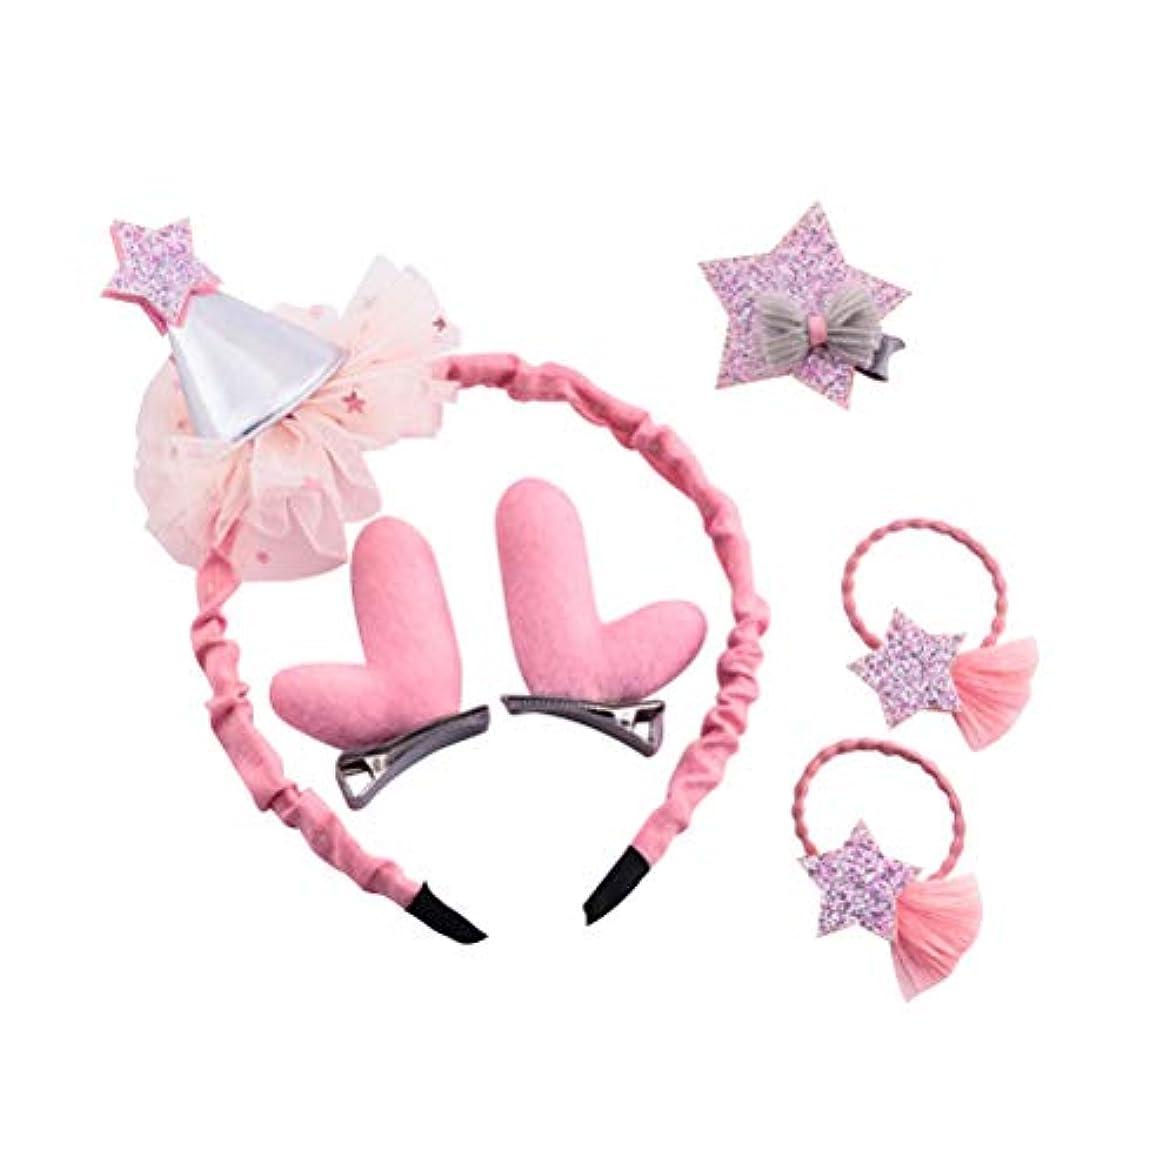 落ち着かないスポーツの試合を担当している人定説BESTOYARD クリスマスの髪のアクセサリー帽子のレンダーの飾り飾りヘッドバンドのヘアクリップ女の子のためのピンバレッタの髪の弾性(ピンク)